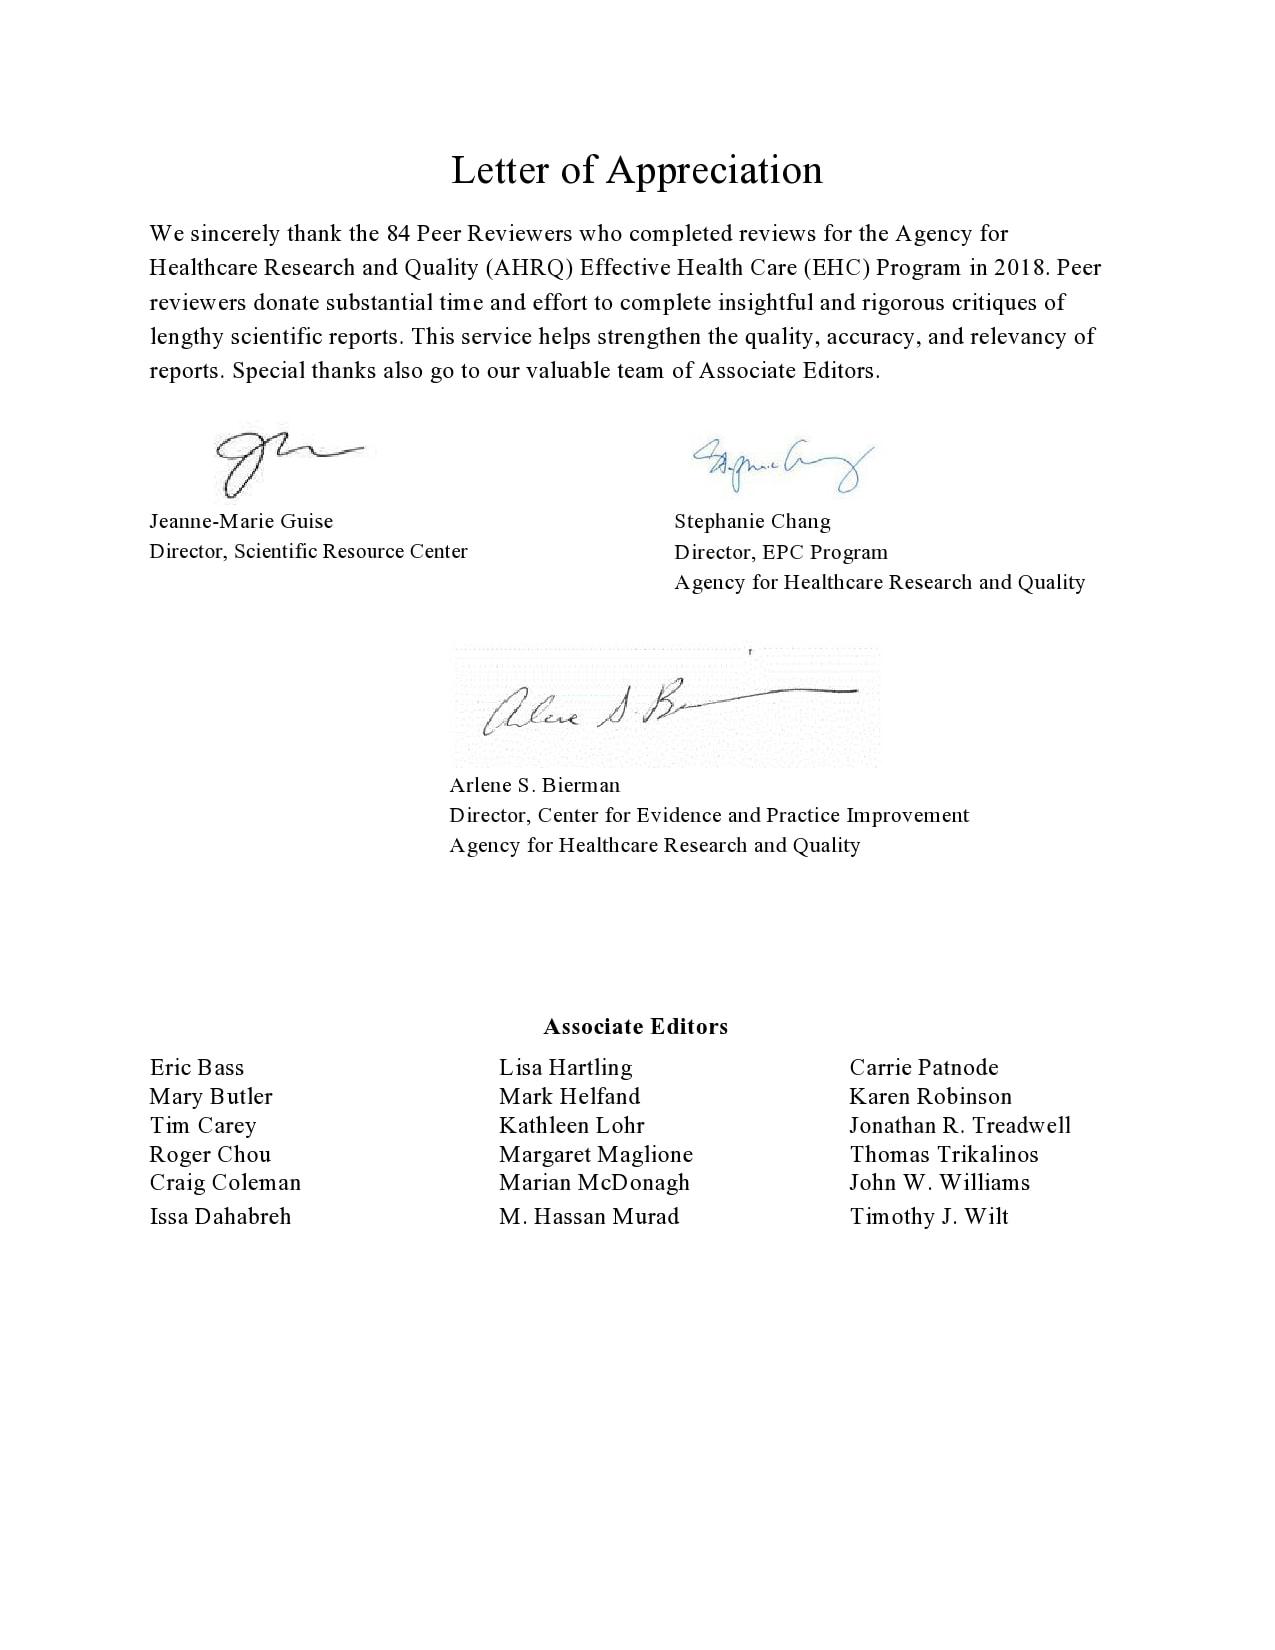 appreciation letter 36